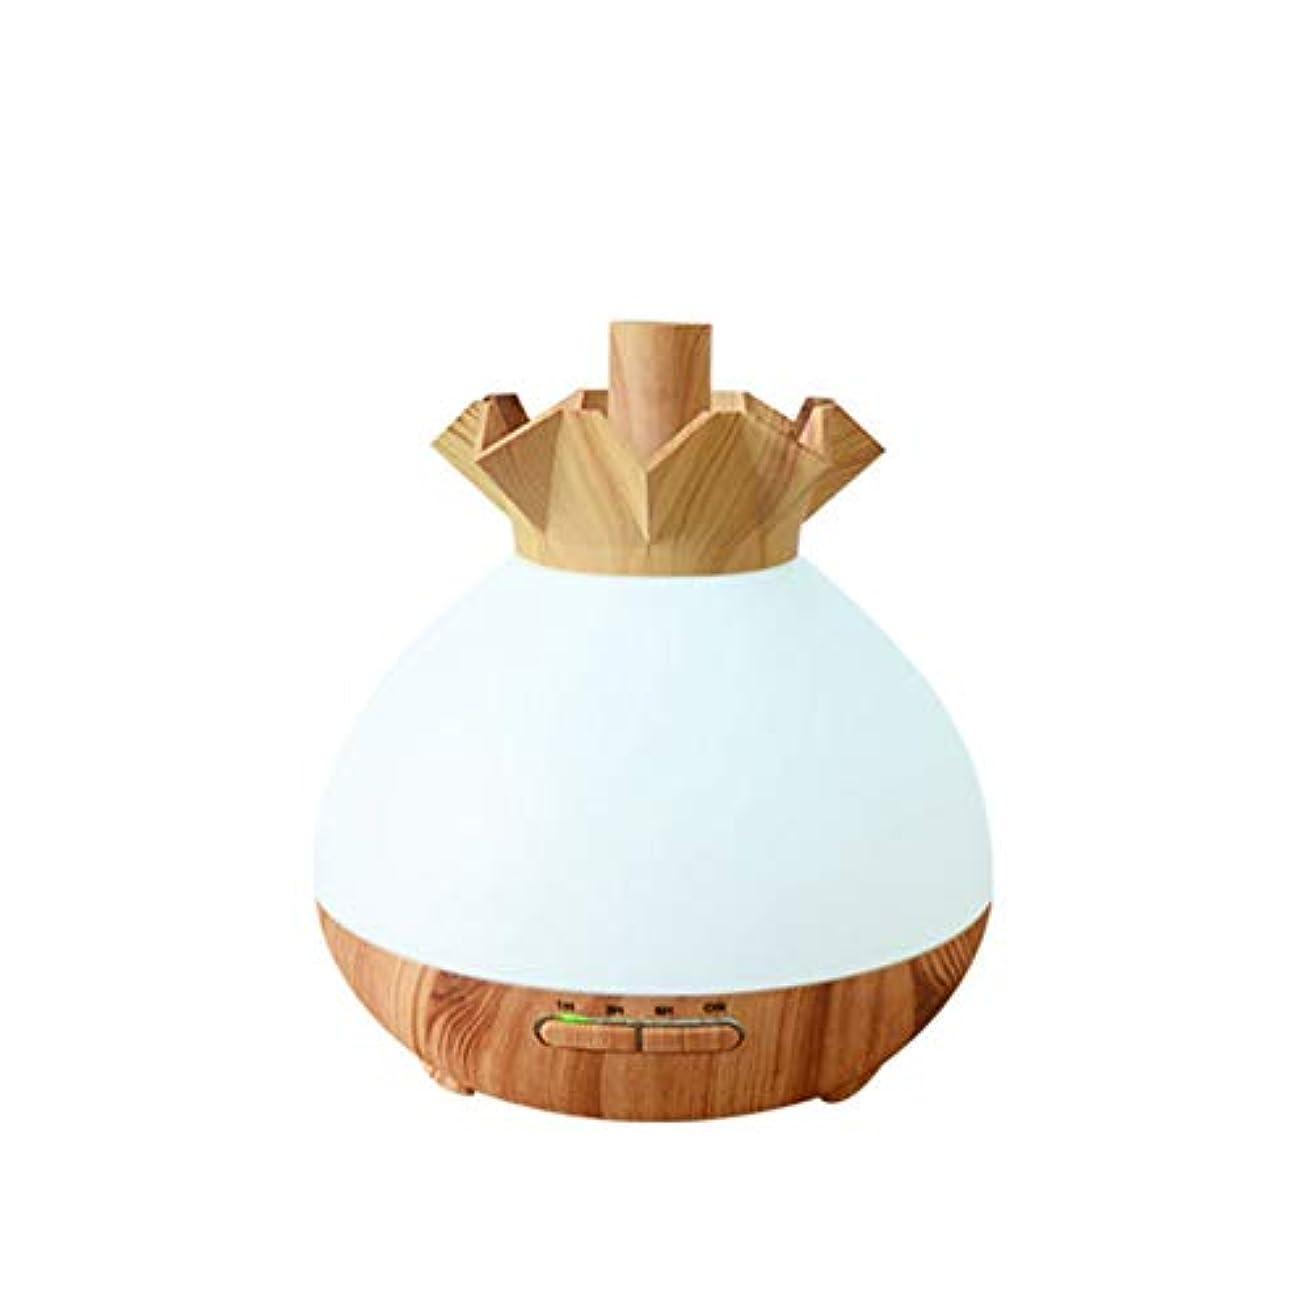 バイオリニスト加入予言するWifiアプリコントロール 涼しい霧 加湿器,7 色 木目 空気を浄化 加湿機 プレミアム サイレント 精油 ディフューザー アロマネブライザー ベッド- 400ml